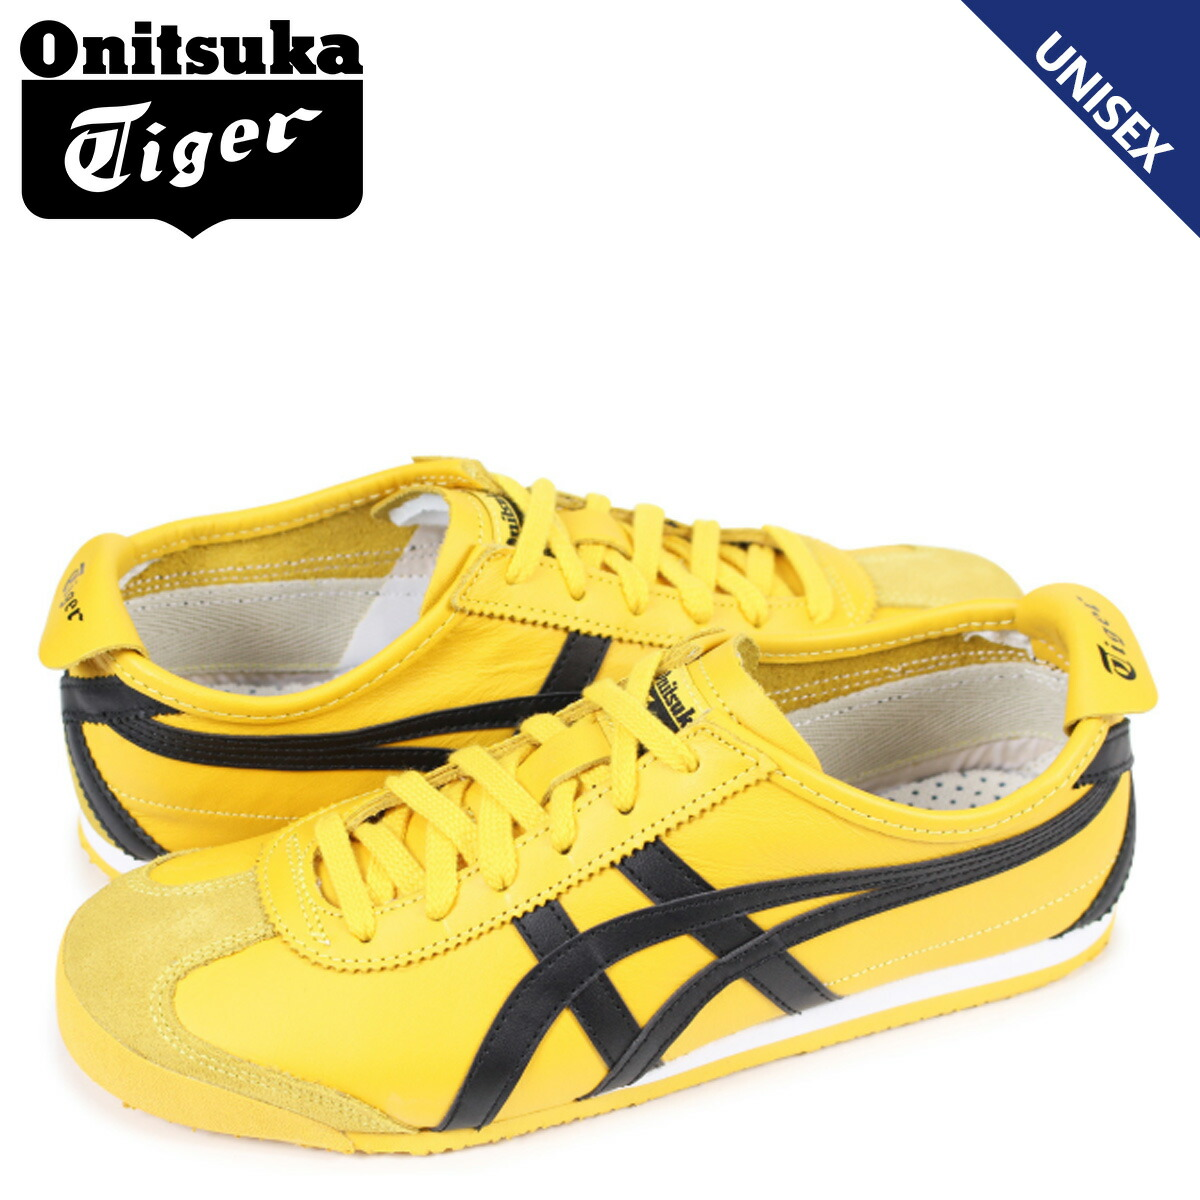 asics onitsuka tiger shop online